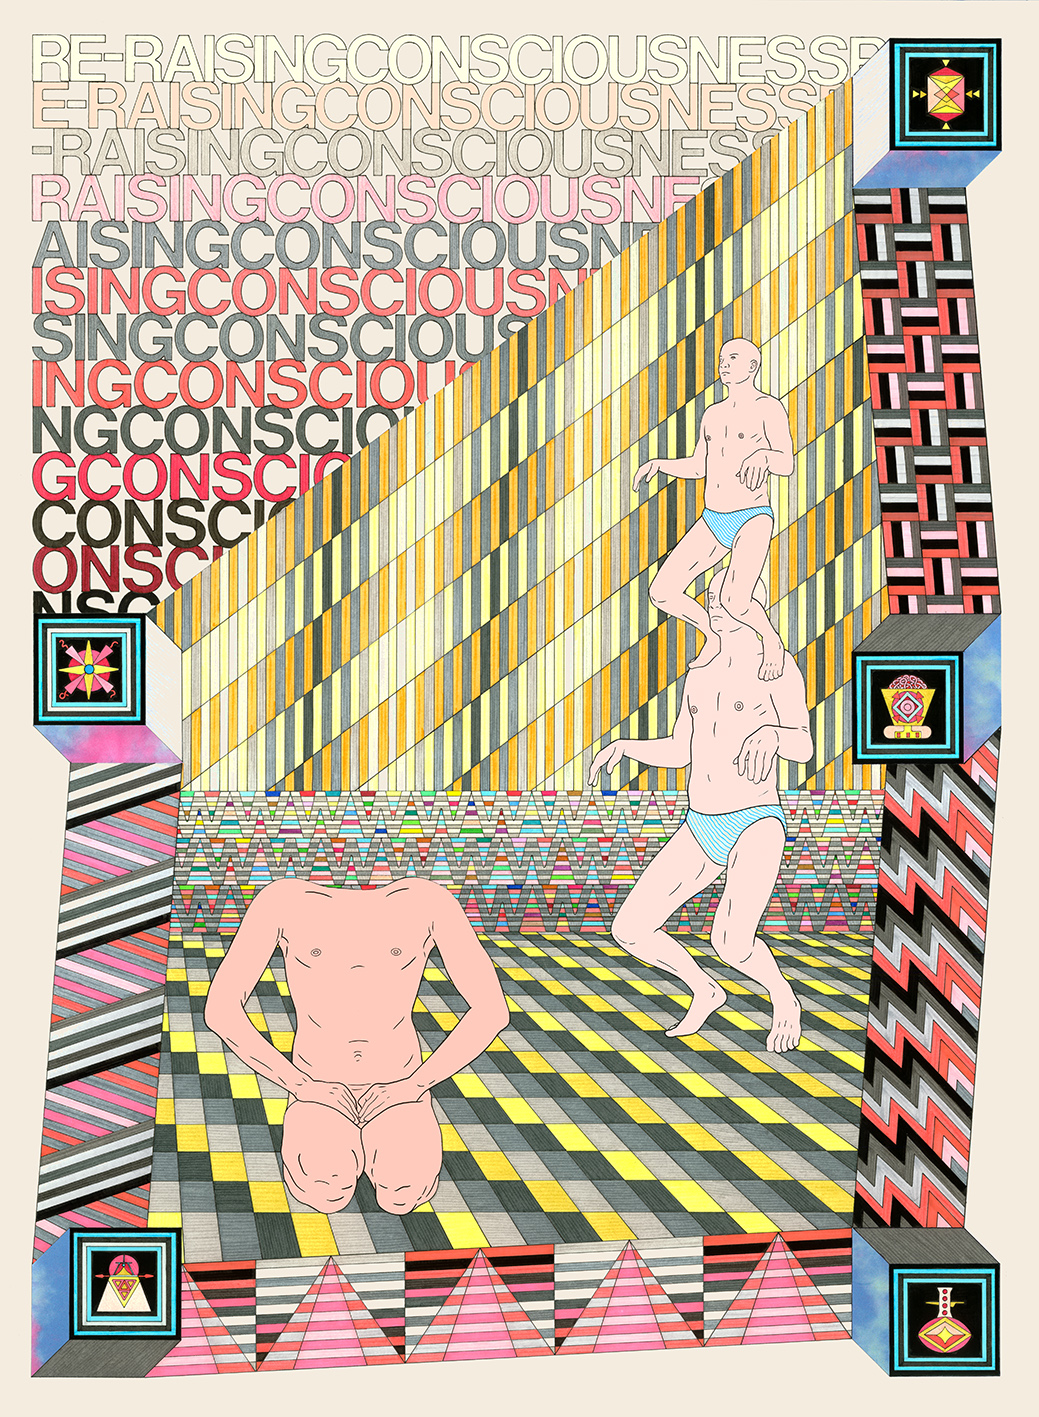 Re-Raising Consciousness, 2014